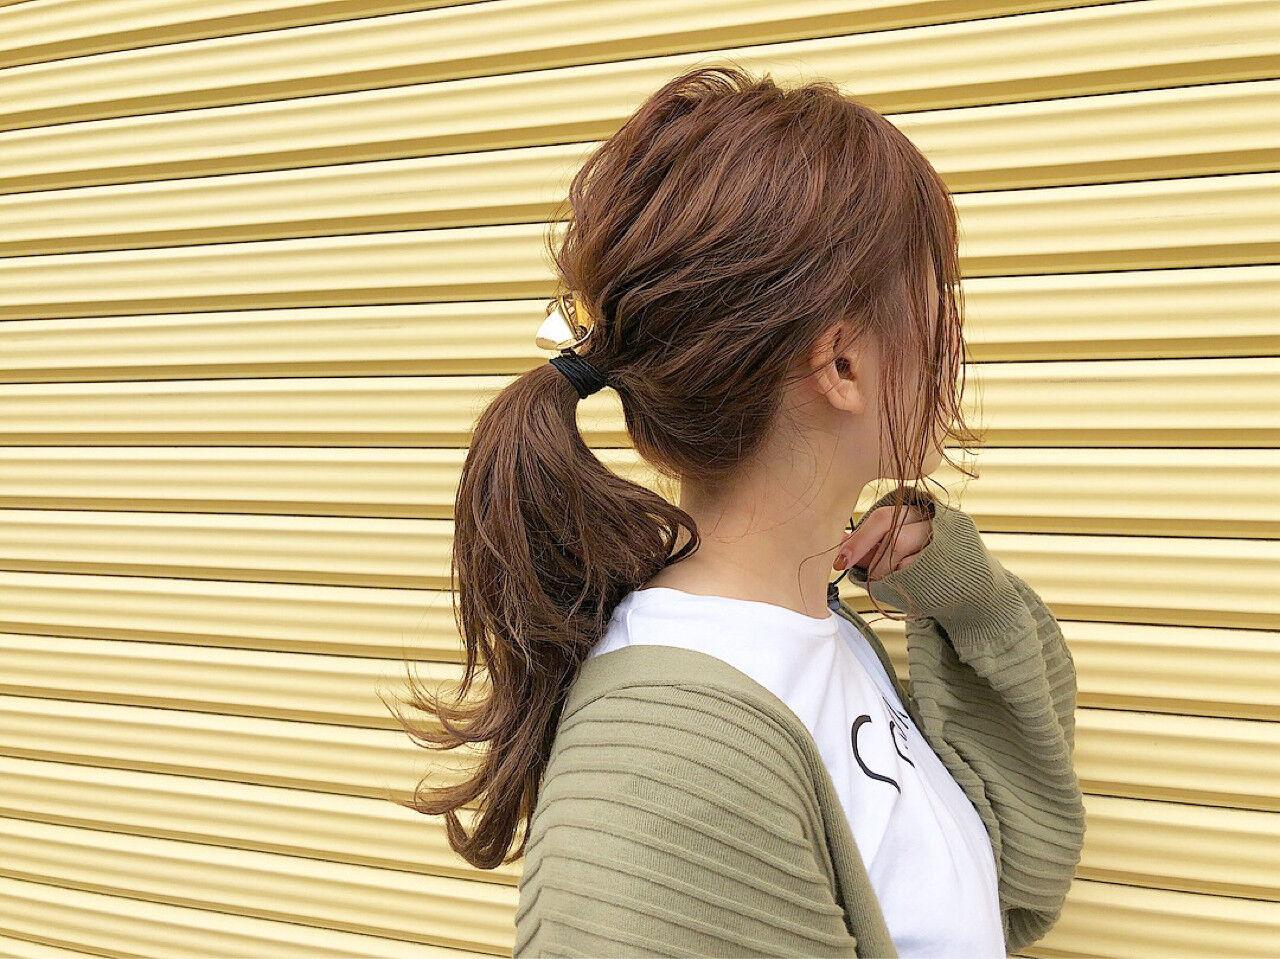 アウトドア ヘアアレンジ セミロング 簡単ヘアアレンジヘアスタイルや髪型の写真・画像